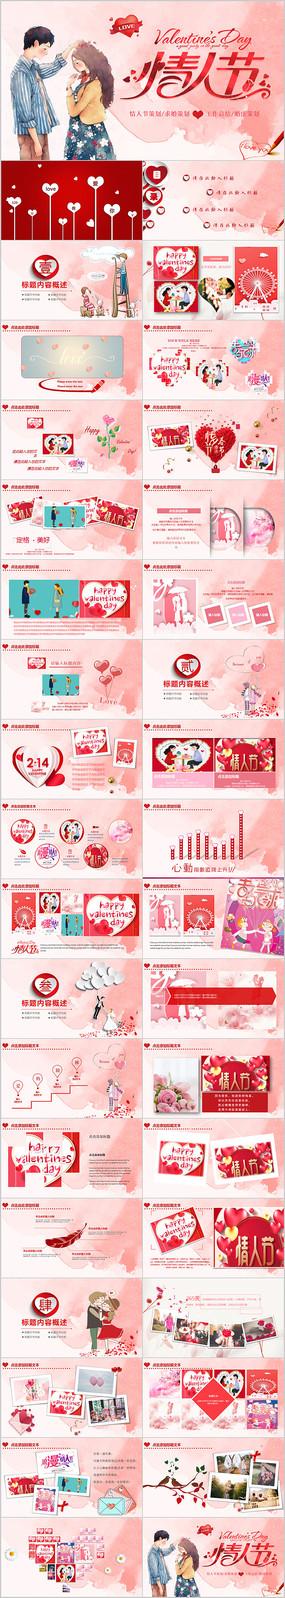 浪漫情人节相册求婚PPT模板